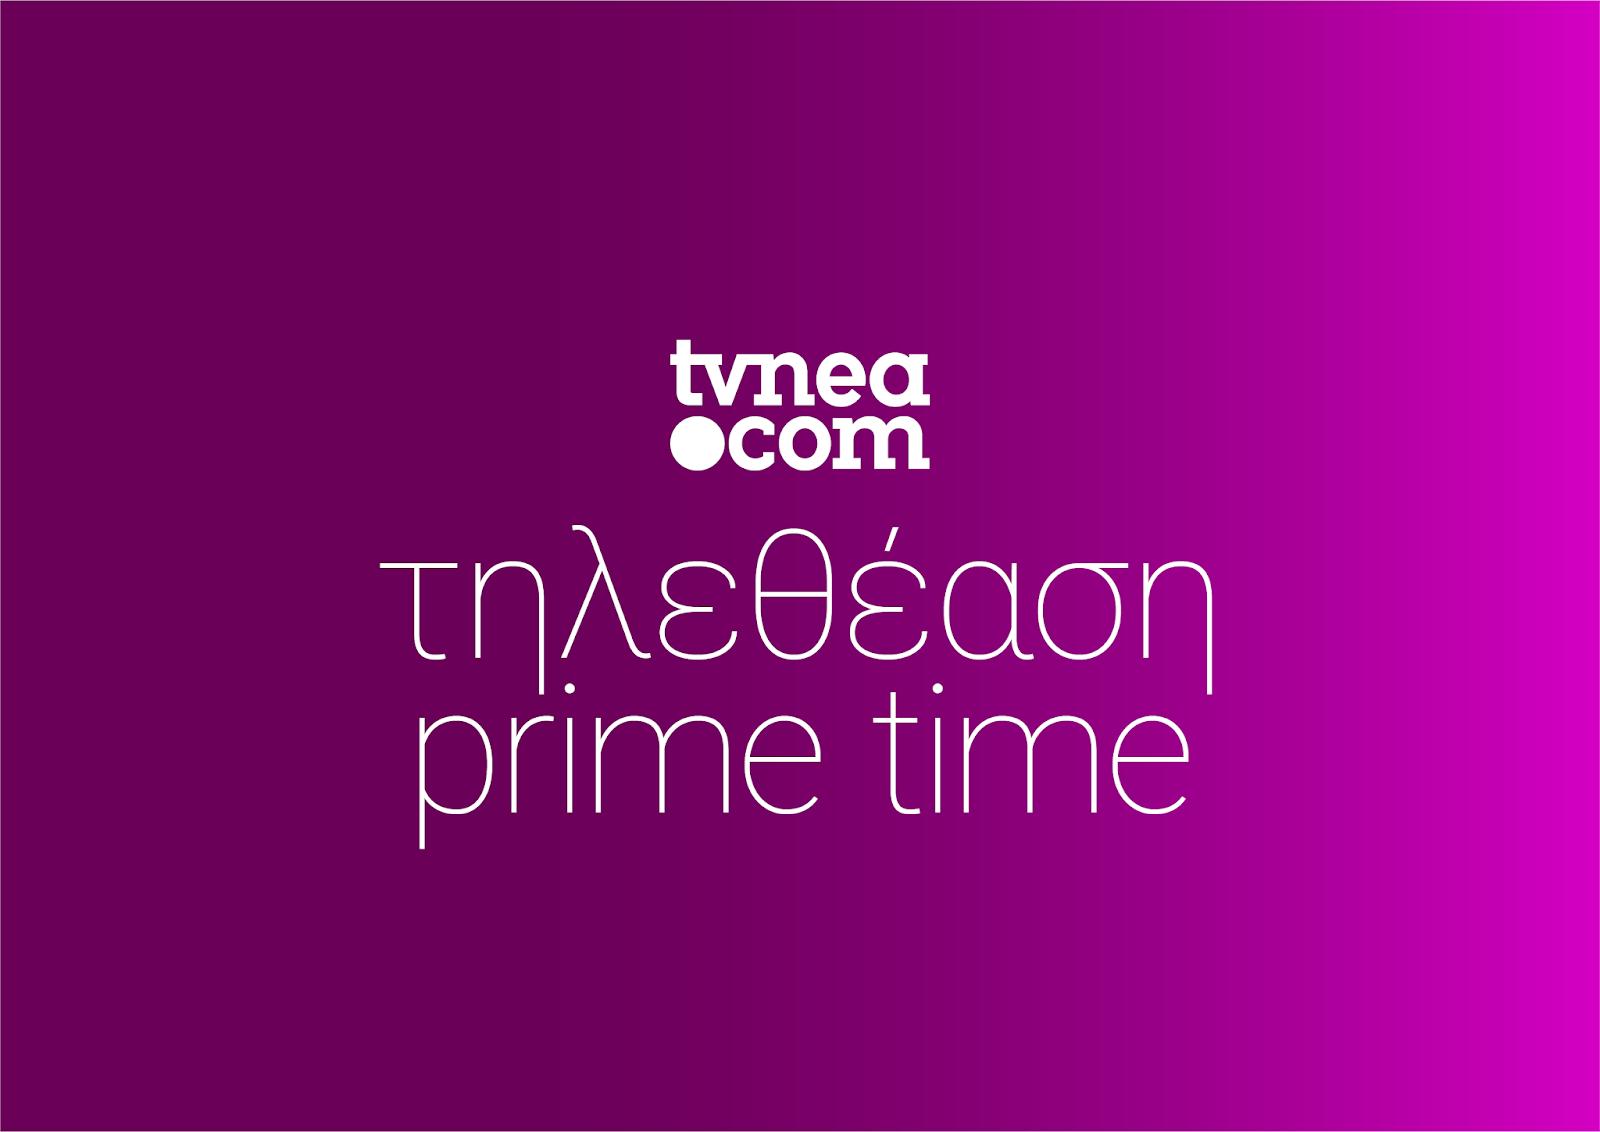 Δείτε τα νούμερα τηλεθέασης στο Prime time. - Φωτογραφία 1